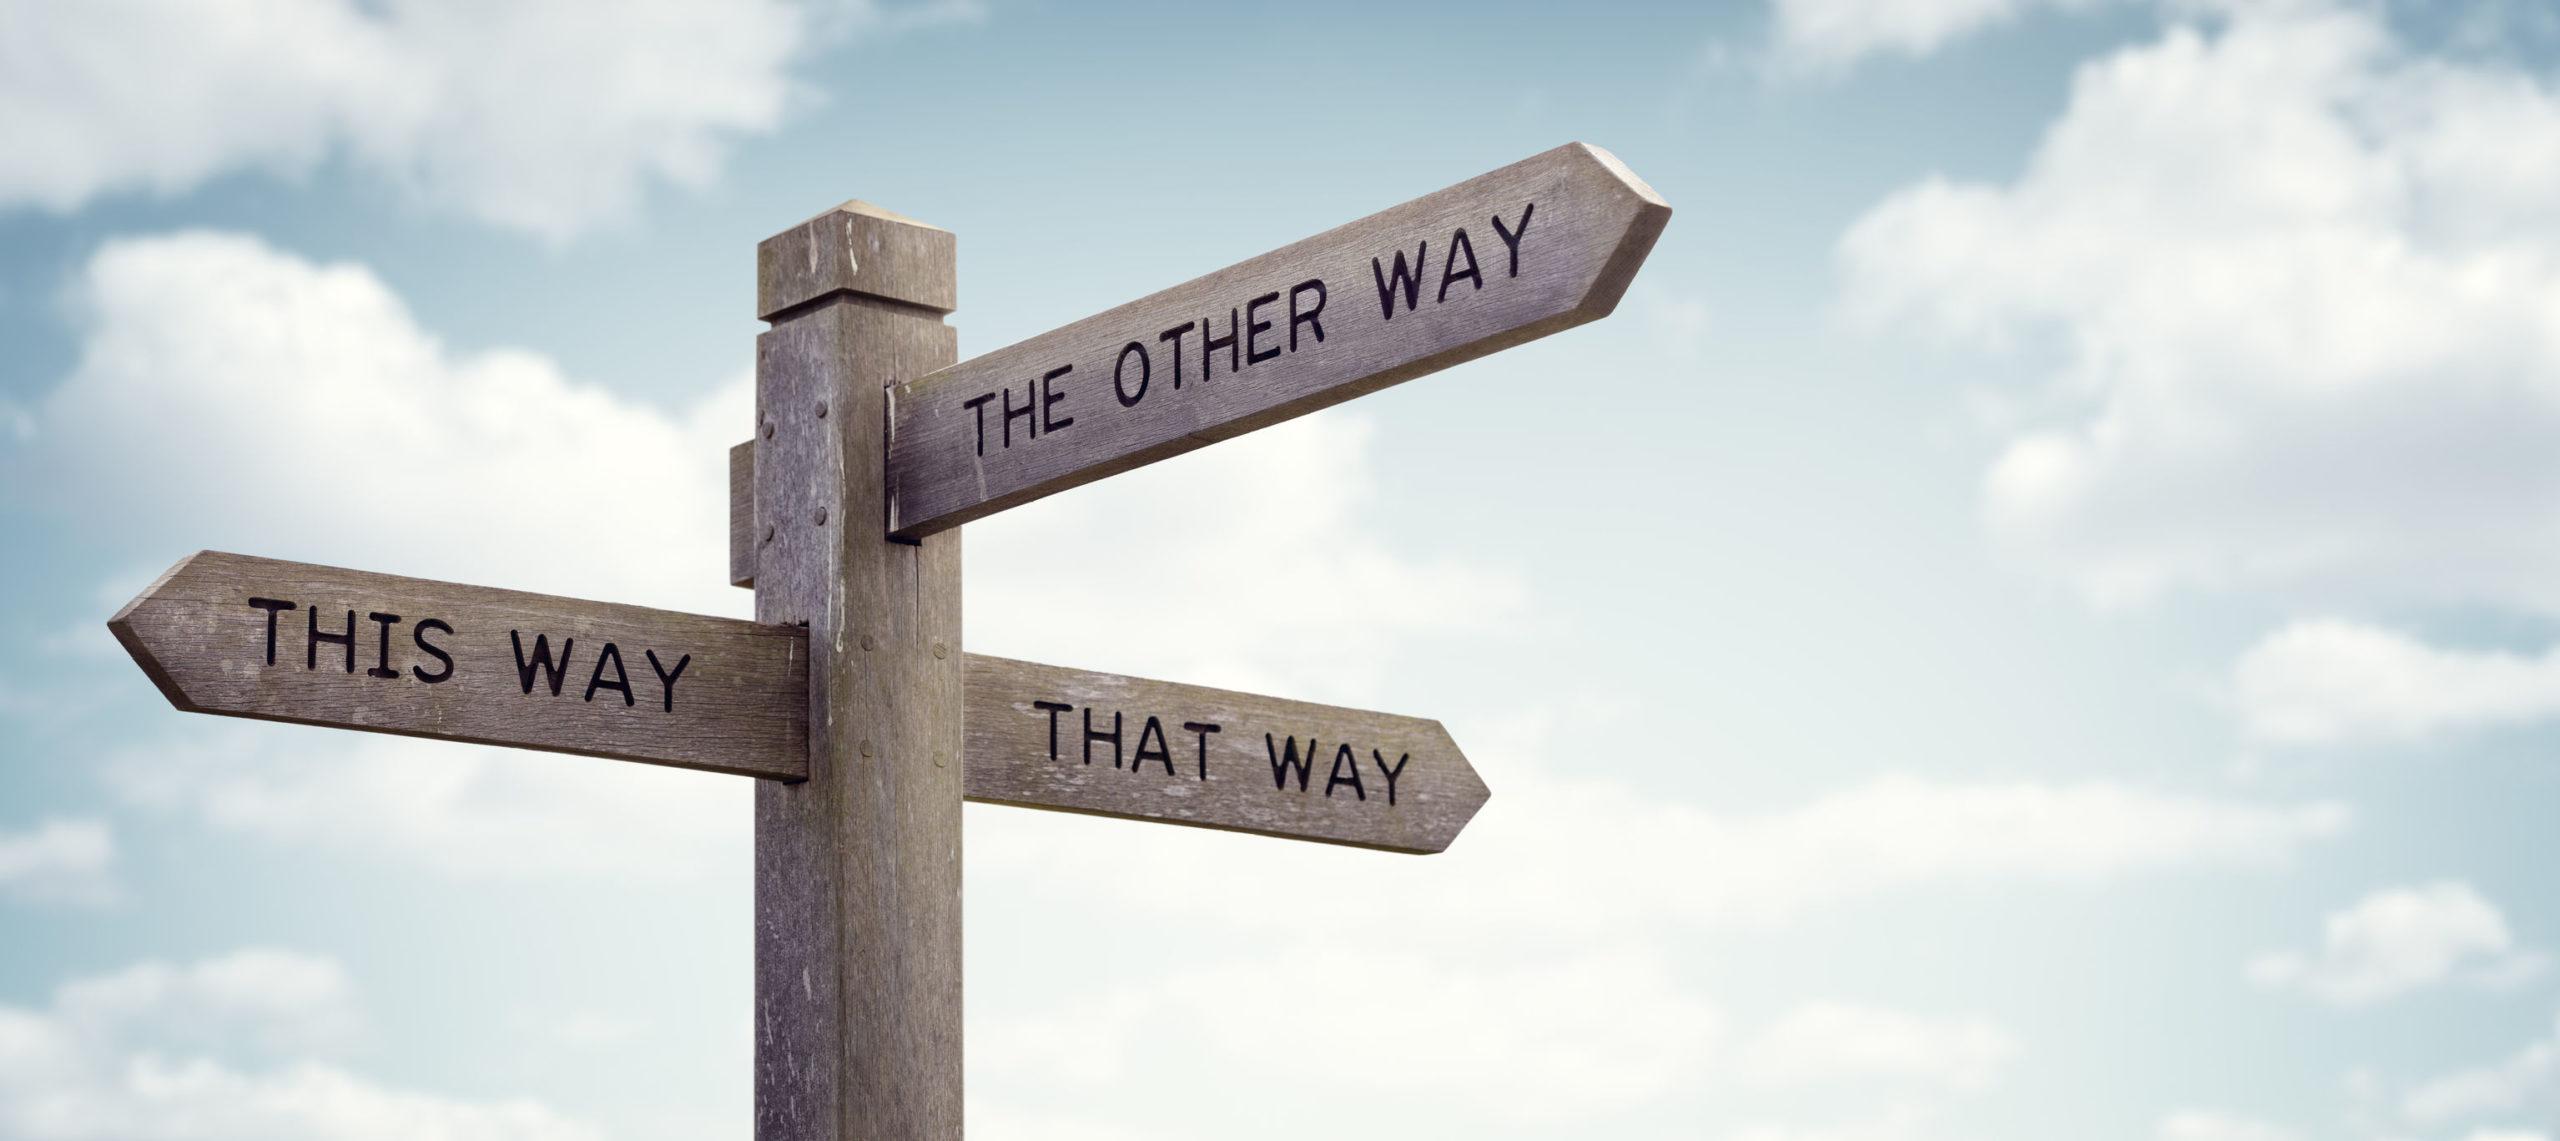 comment atteindre ses objectifs : l'importance de la vision